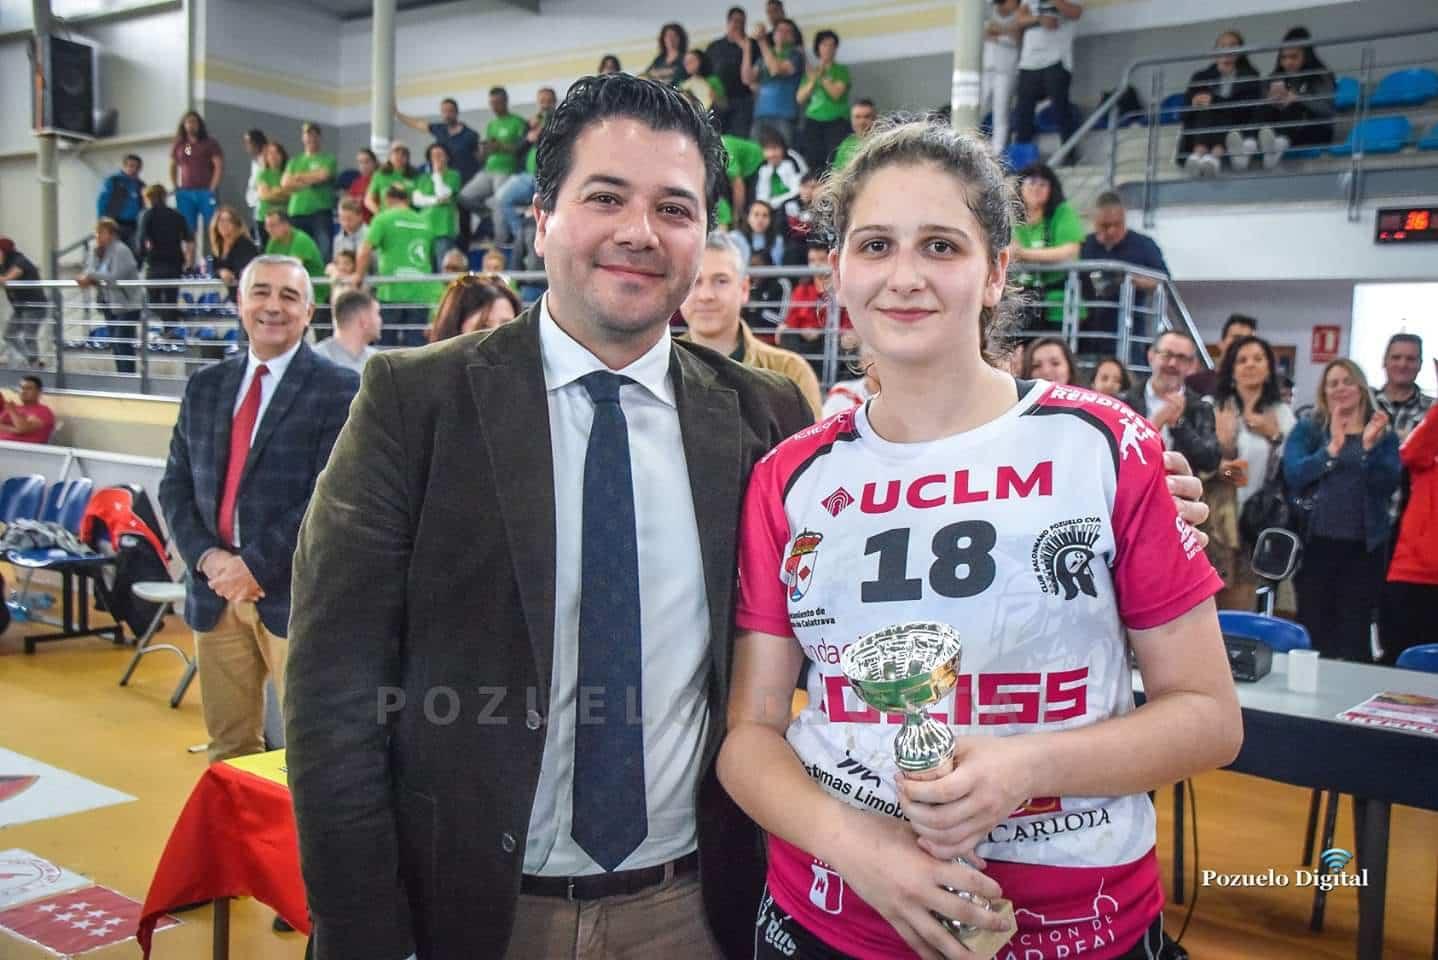 María Mercedes Ramírez del Pozo Mora mejor defensa del Sector Nacional Juvenil Femenino de balonmano celebrado en Pozuelo 1